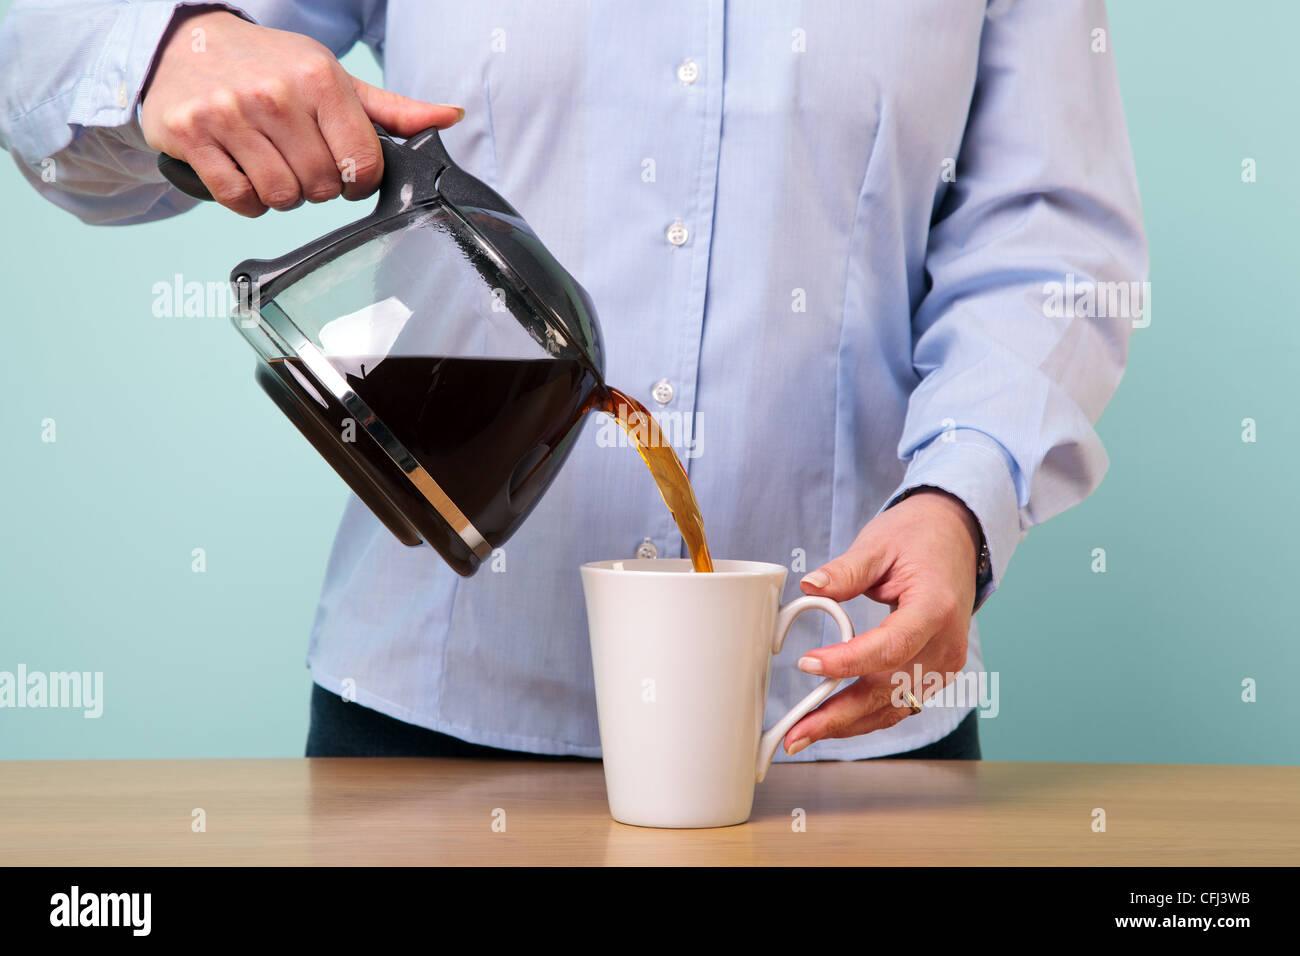 Foto de una mujer en su ruptura vertiendo ella misma una taza caliente de café filtrada desde un bote de vidrio. Imagen De Stock